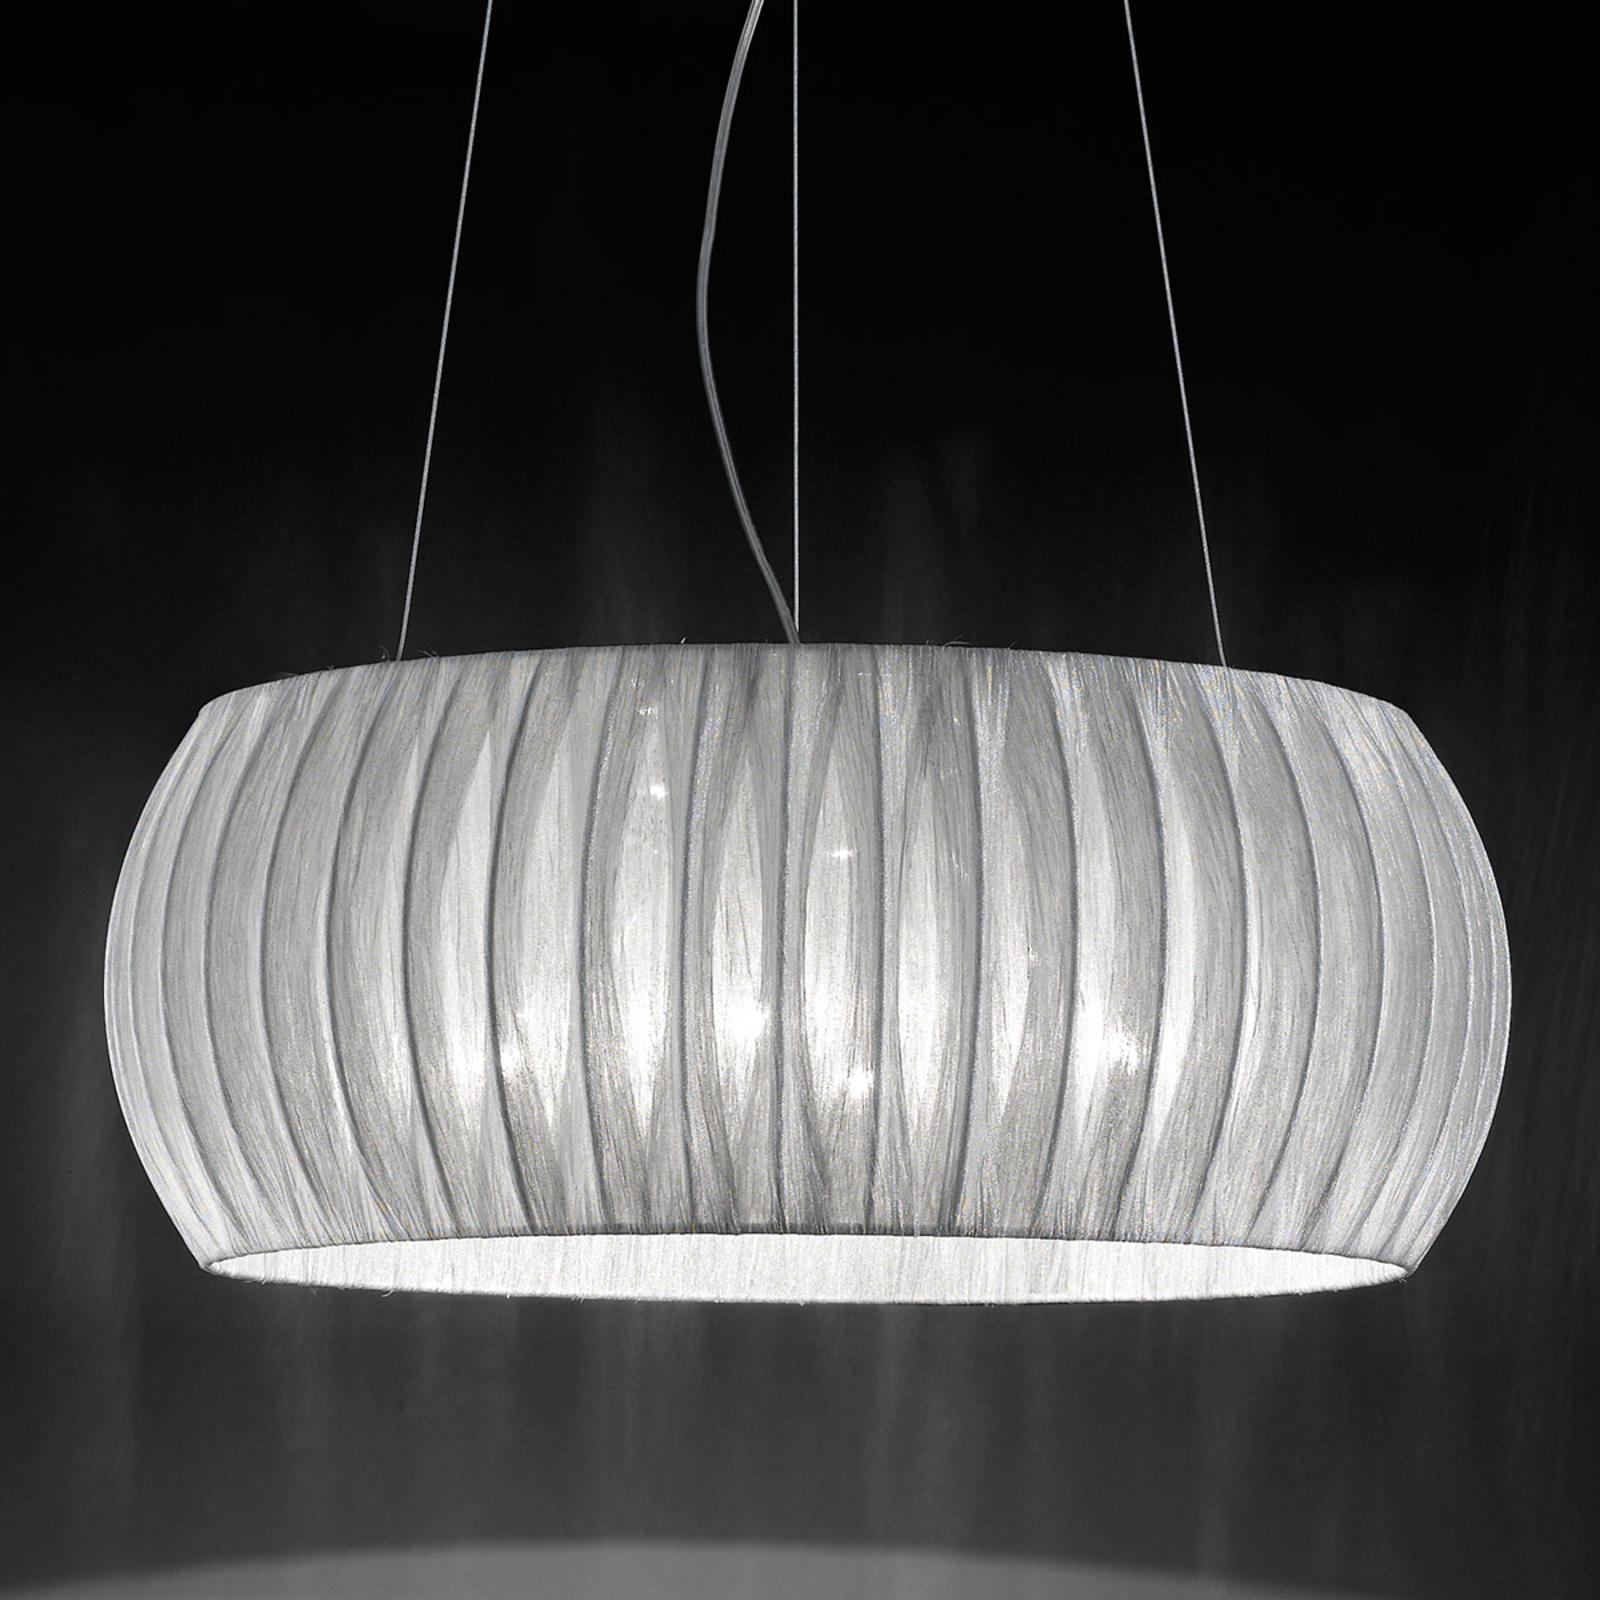 Voortreffelijke textiel hanglamp Amaru 55 cm